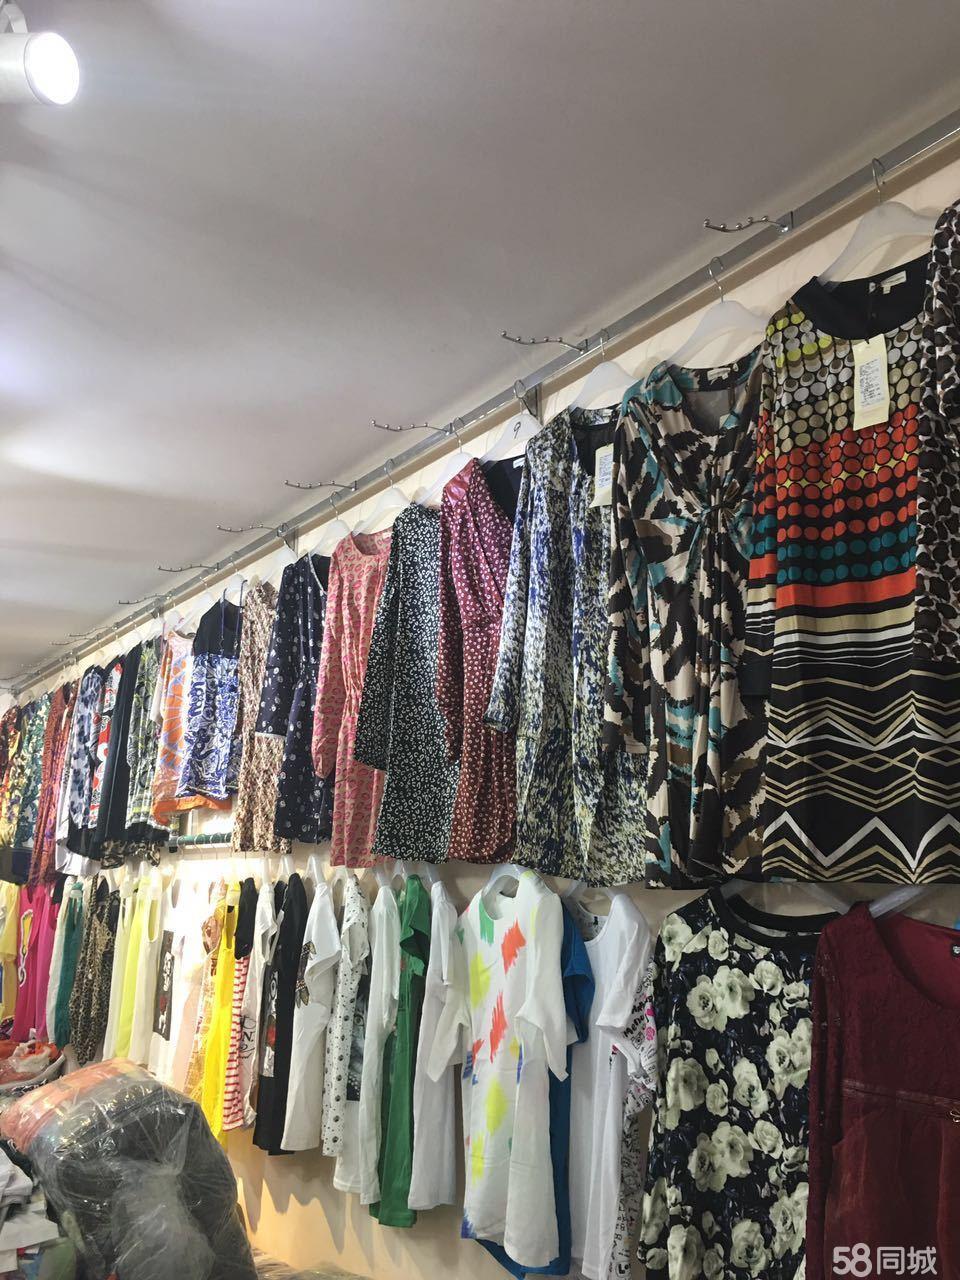 外贸尾货服装批发,夏装全面上市,价位地,东西好,数量多,品种多 ,适合甩货 赶集摆???地摊批发等等